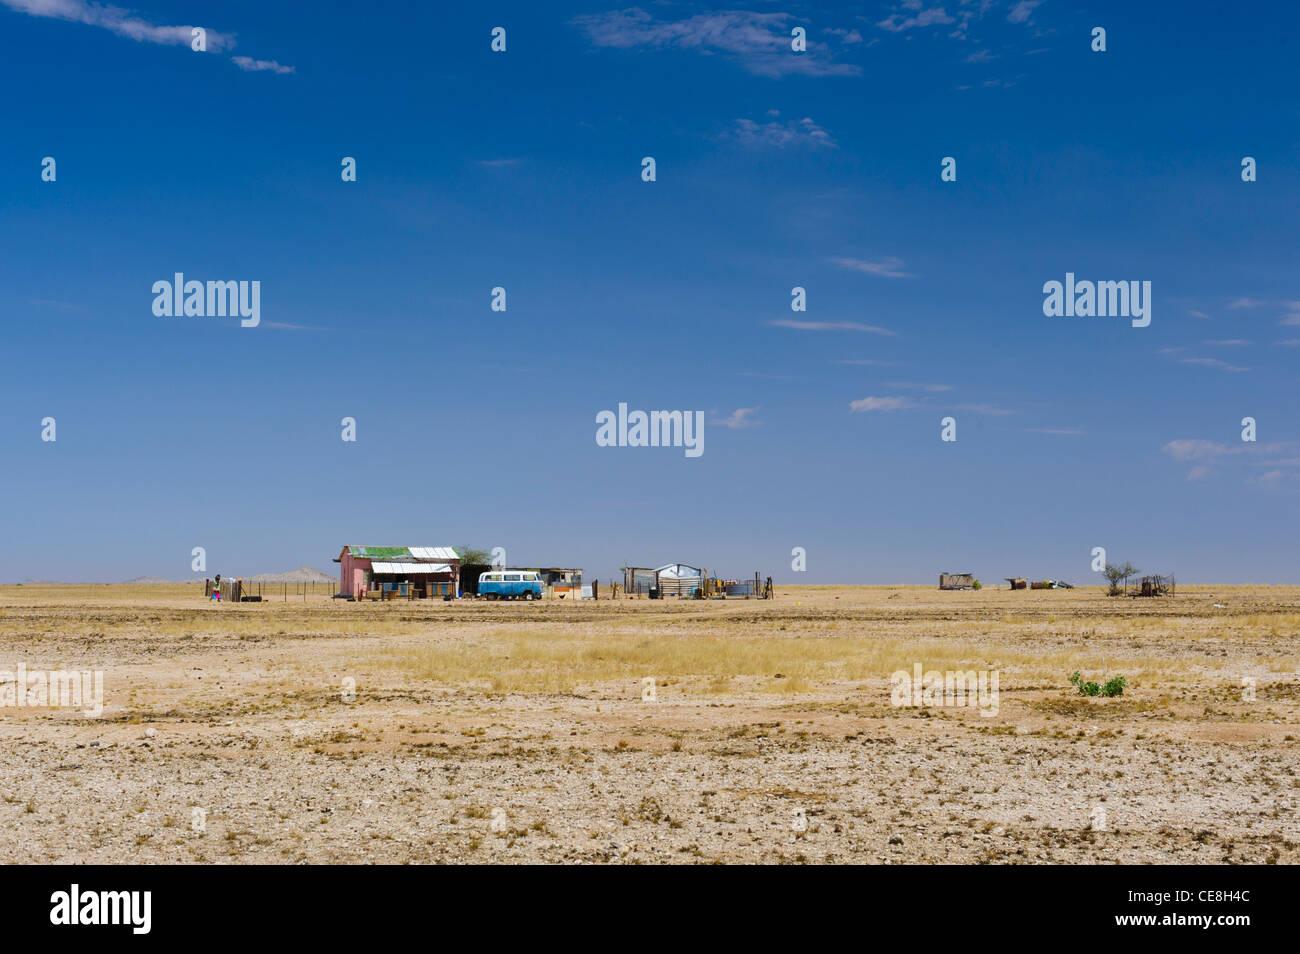 Kleine isolierte Wohnung mitten in nirgendwo im Damaraland, Namibia. Stockfoto